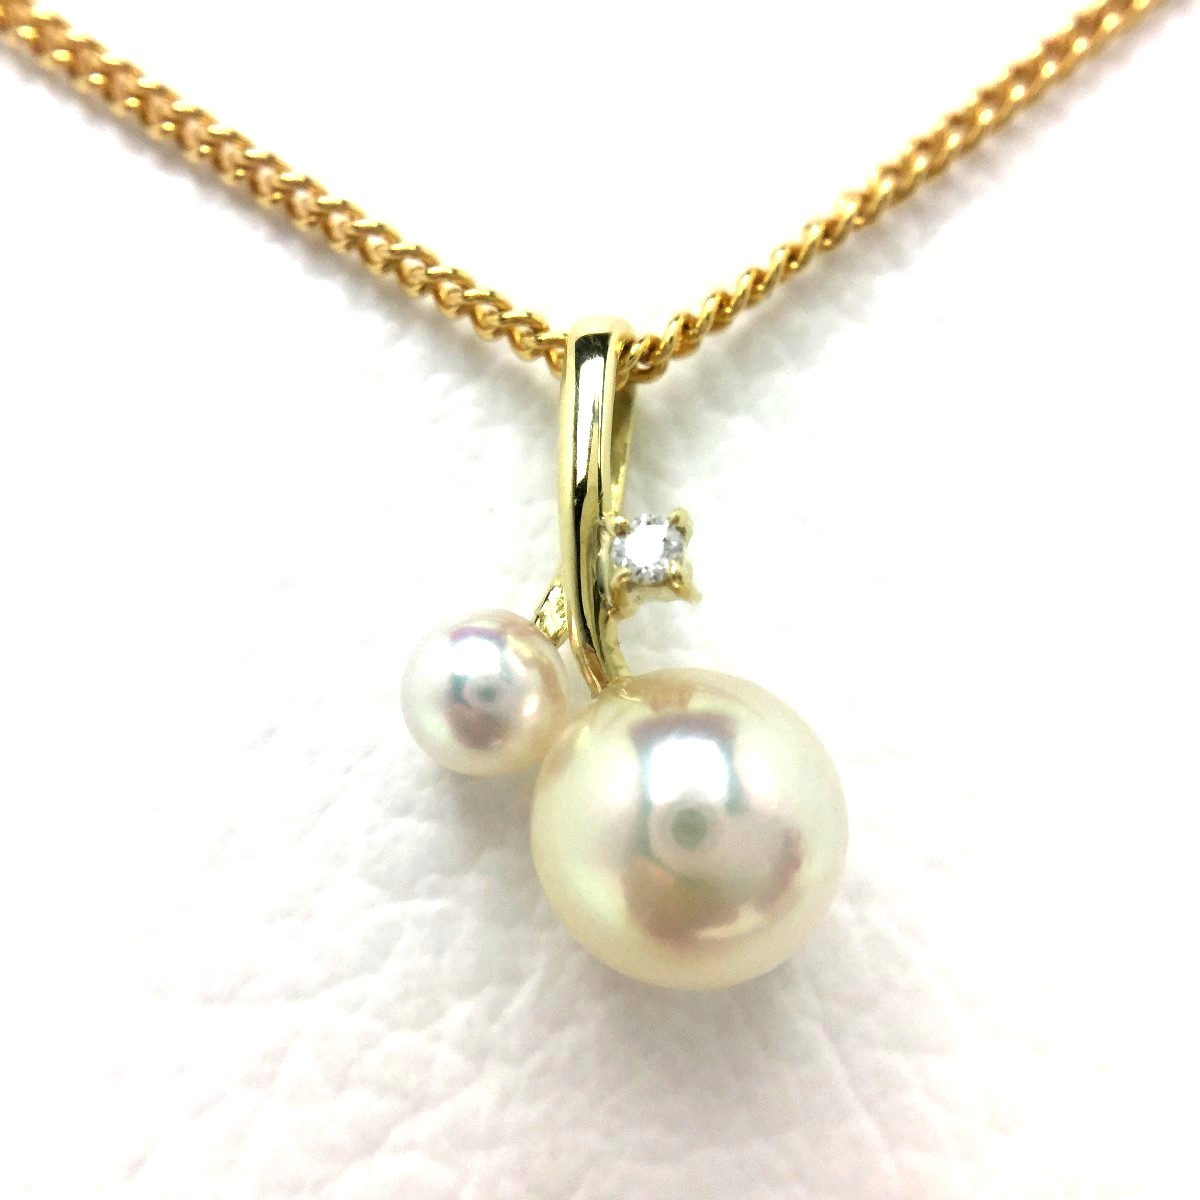 【10%OFF】真珠 ペンダントトップ パール アコヤ真珠 6.5mm・3.6mm ホワイトピンク K18 イエローゴールド 0.01ct 66813 イソワパール